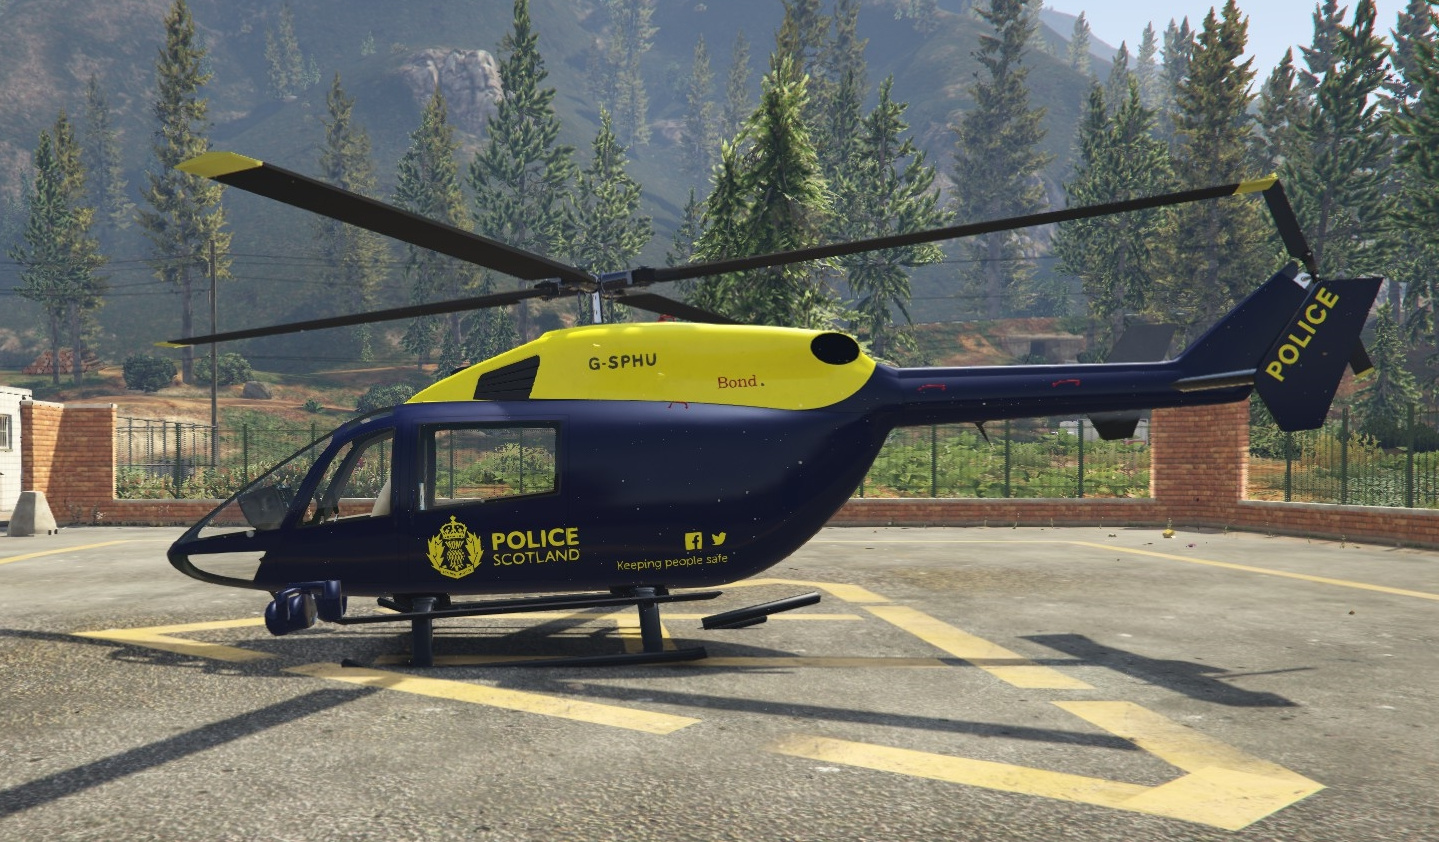 Police Scotland Helicopter Gta5 Mods Com